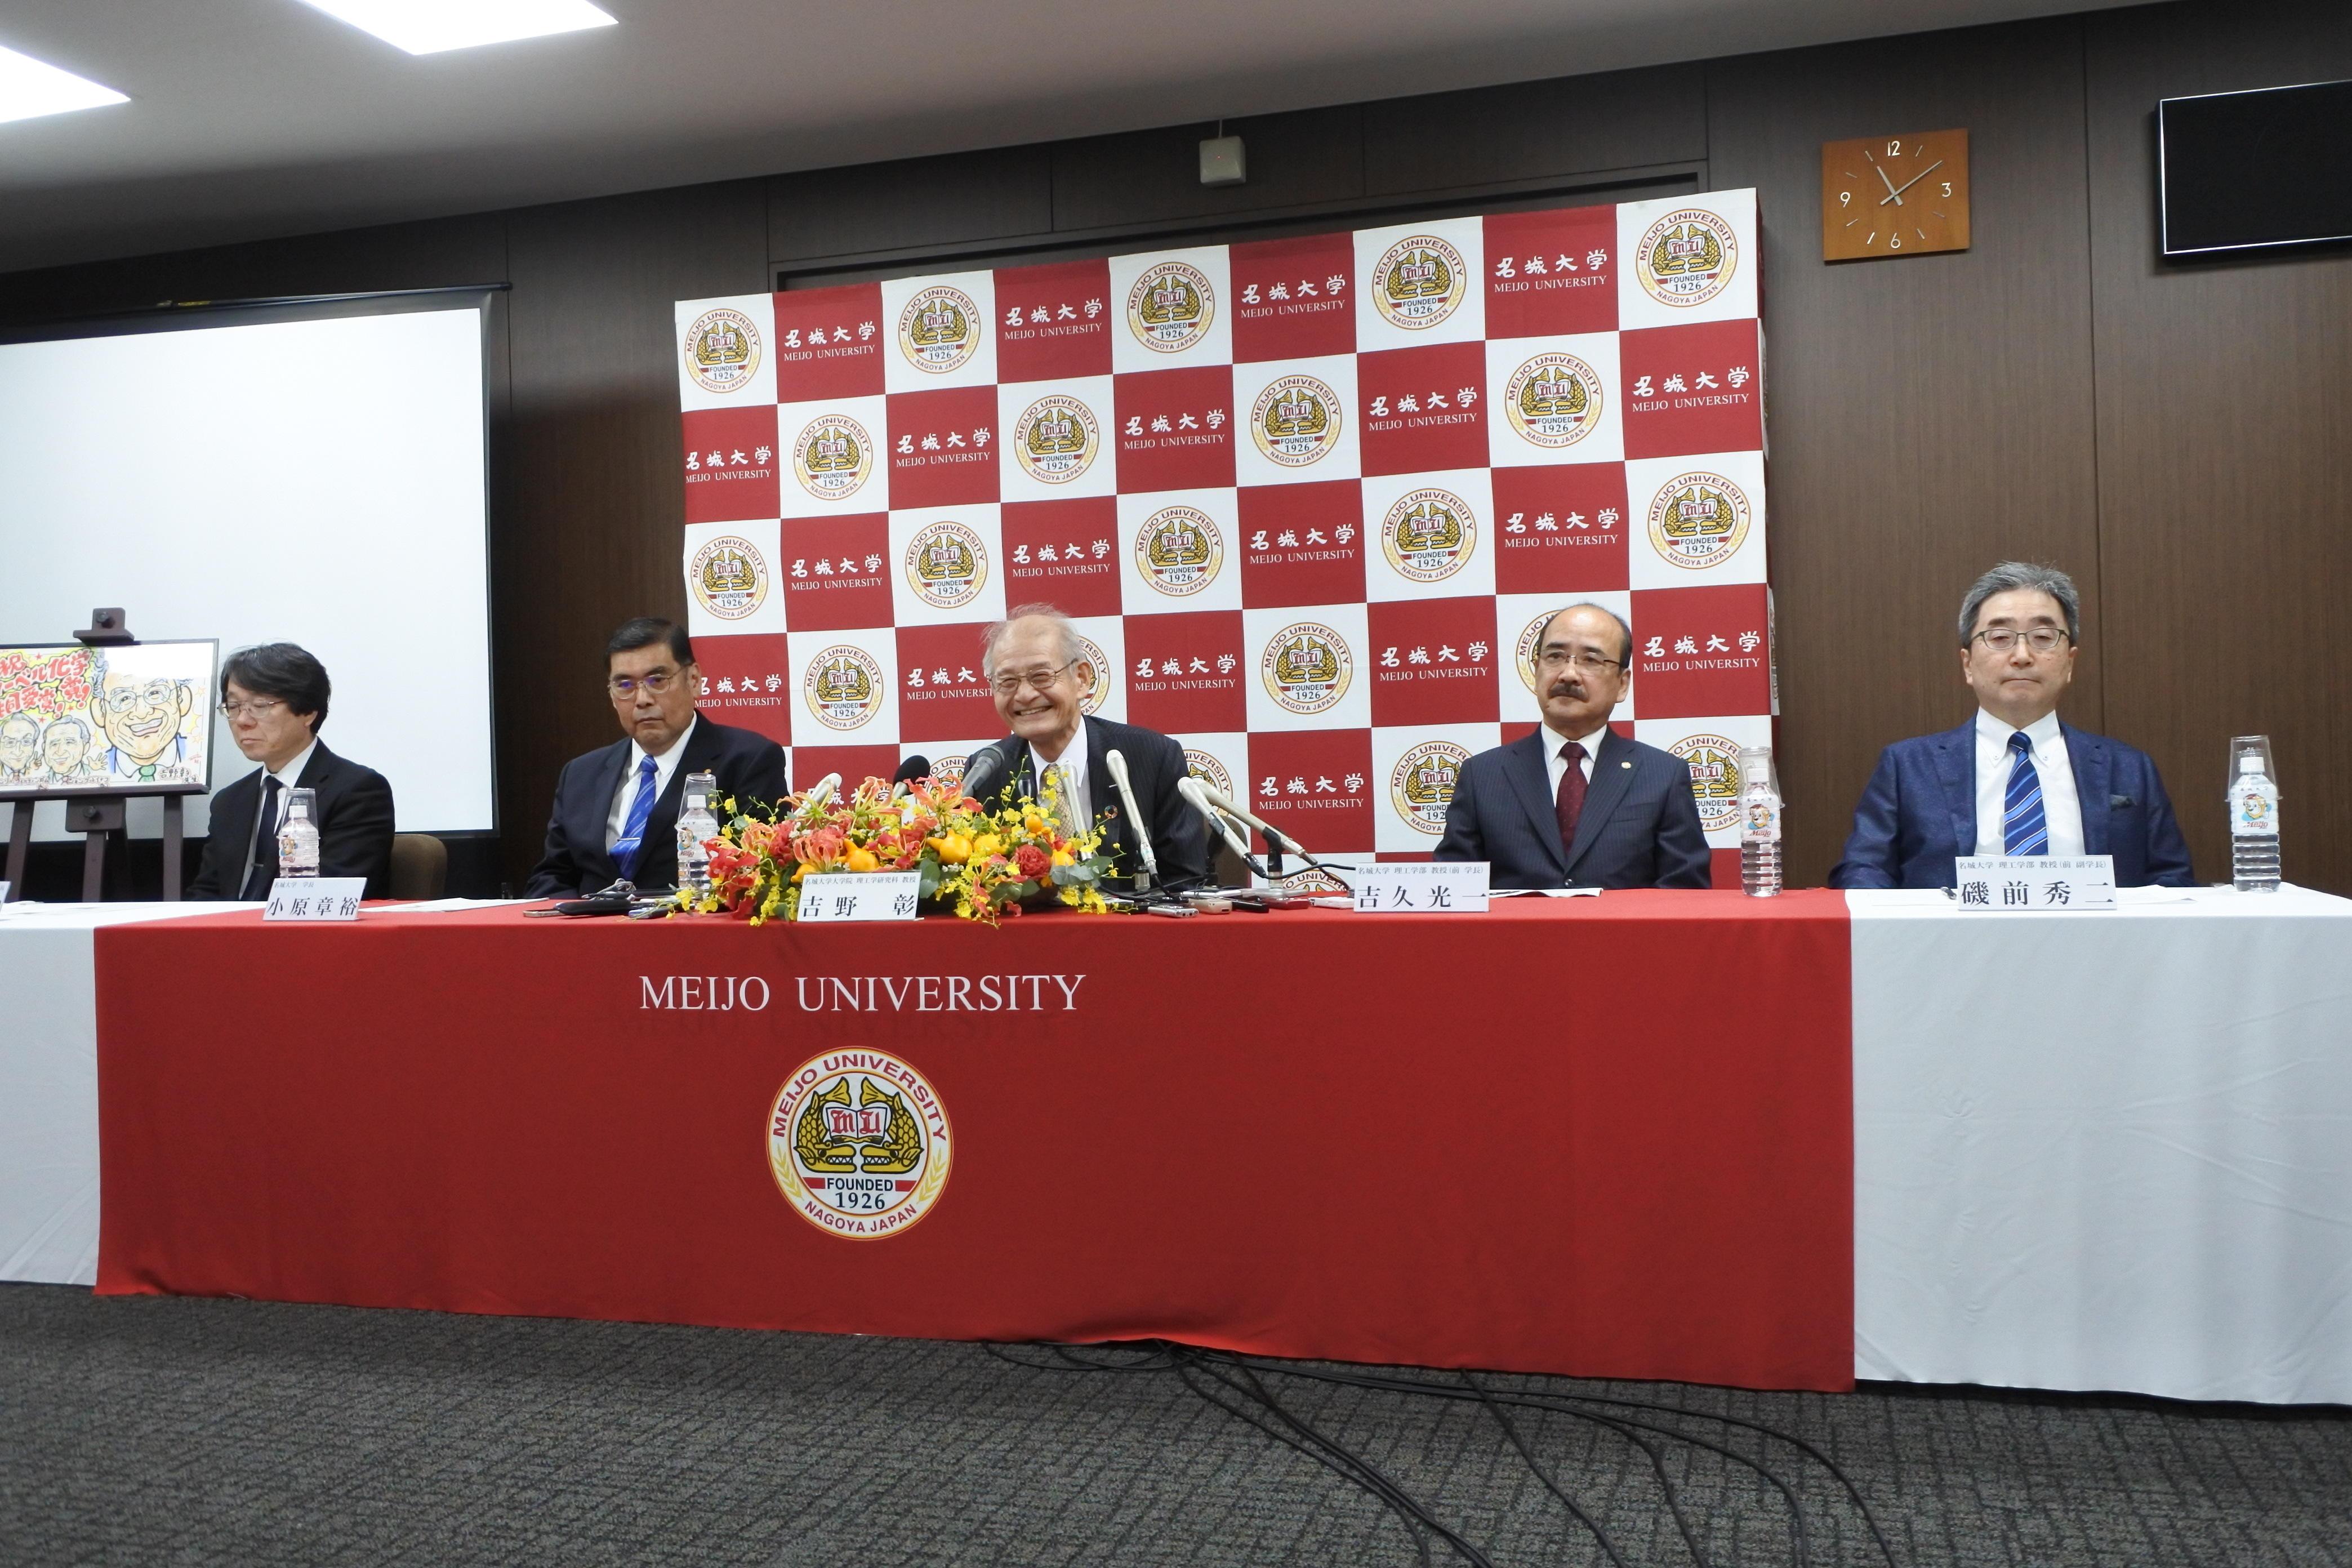 記者会見に臨む(左から)齊藤研究科長、小原学長、吉野教授、吉久教授、磯前教授